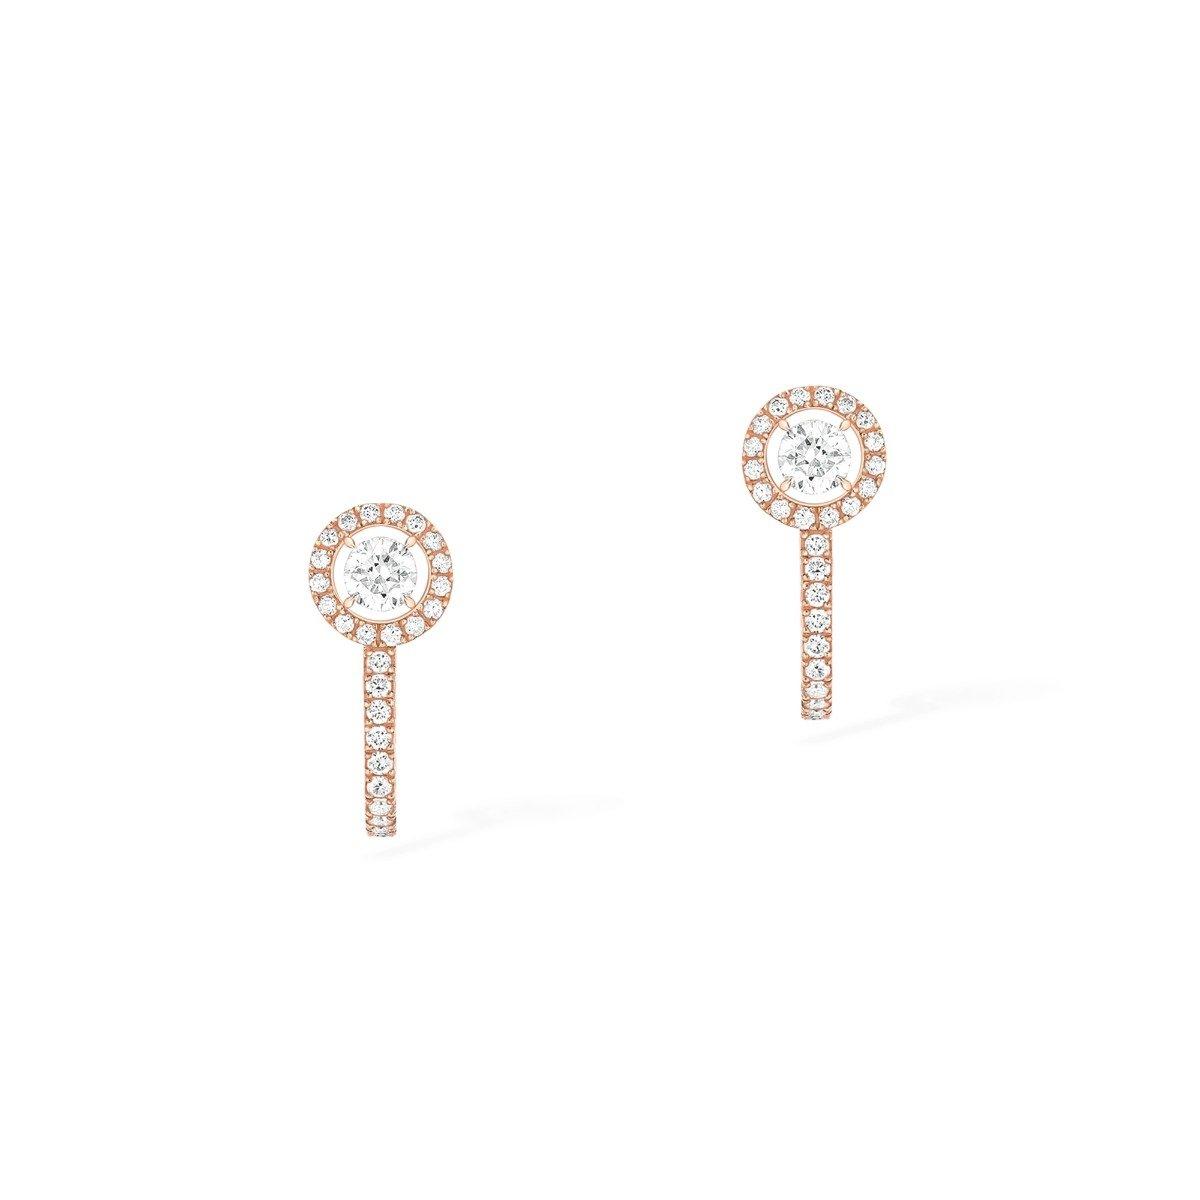 Boucles d'oreilles créoles Messika Joy en or rose et diamants vue 1